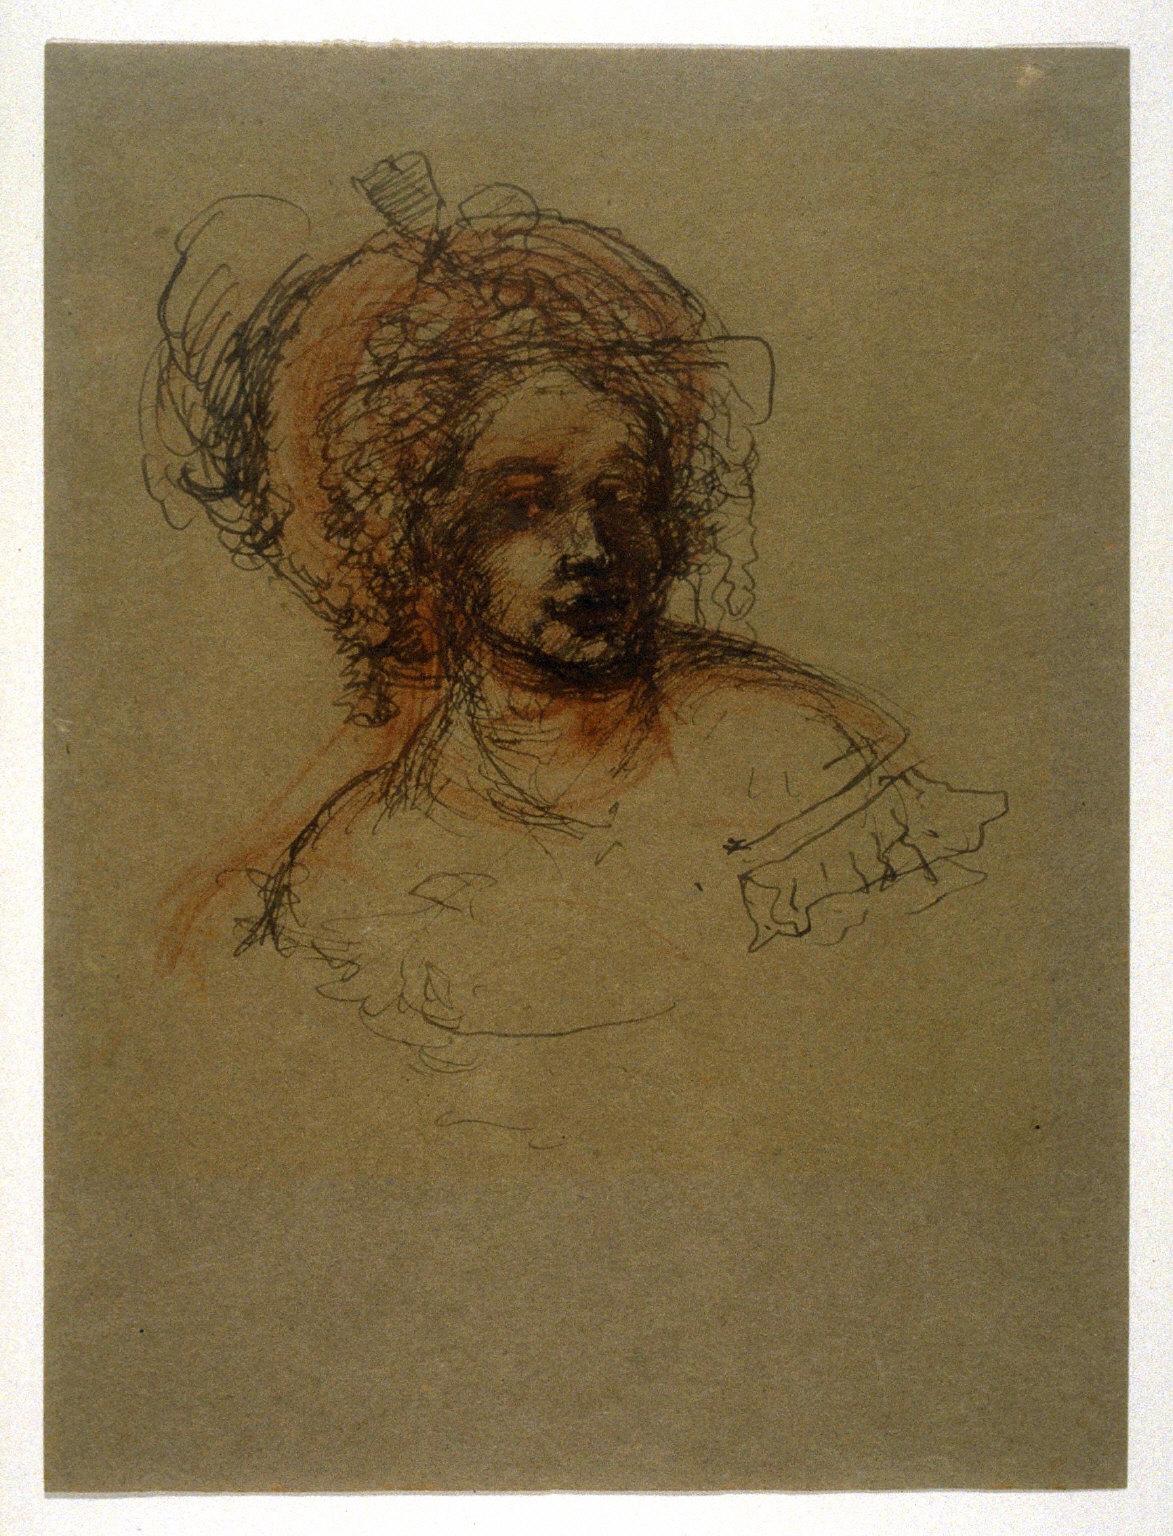 Woman in a Bonnet